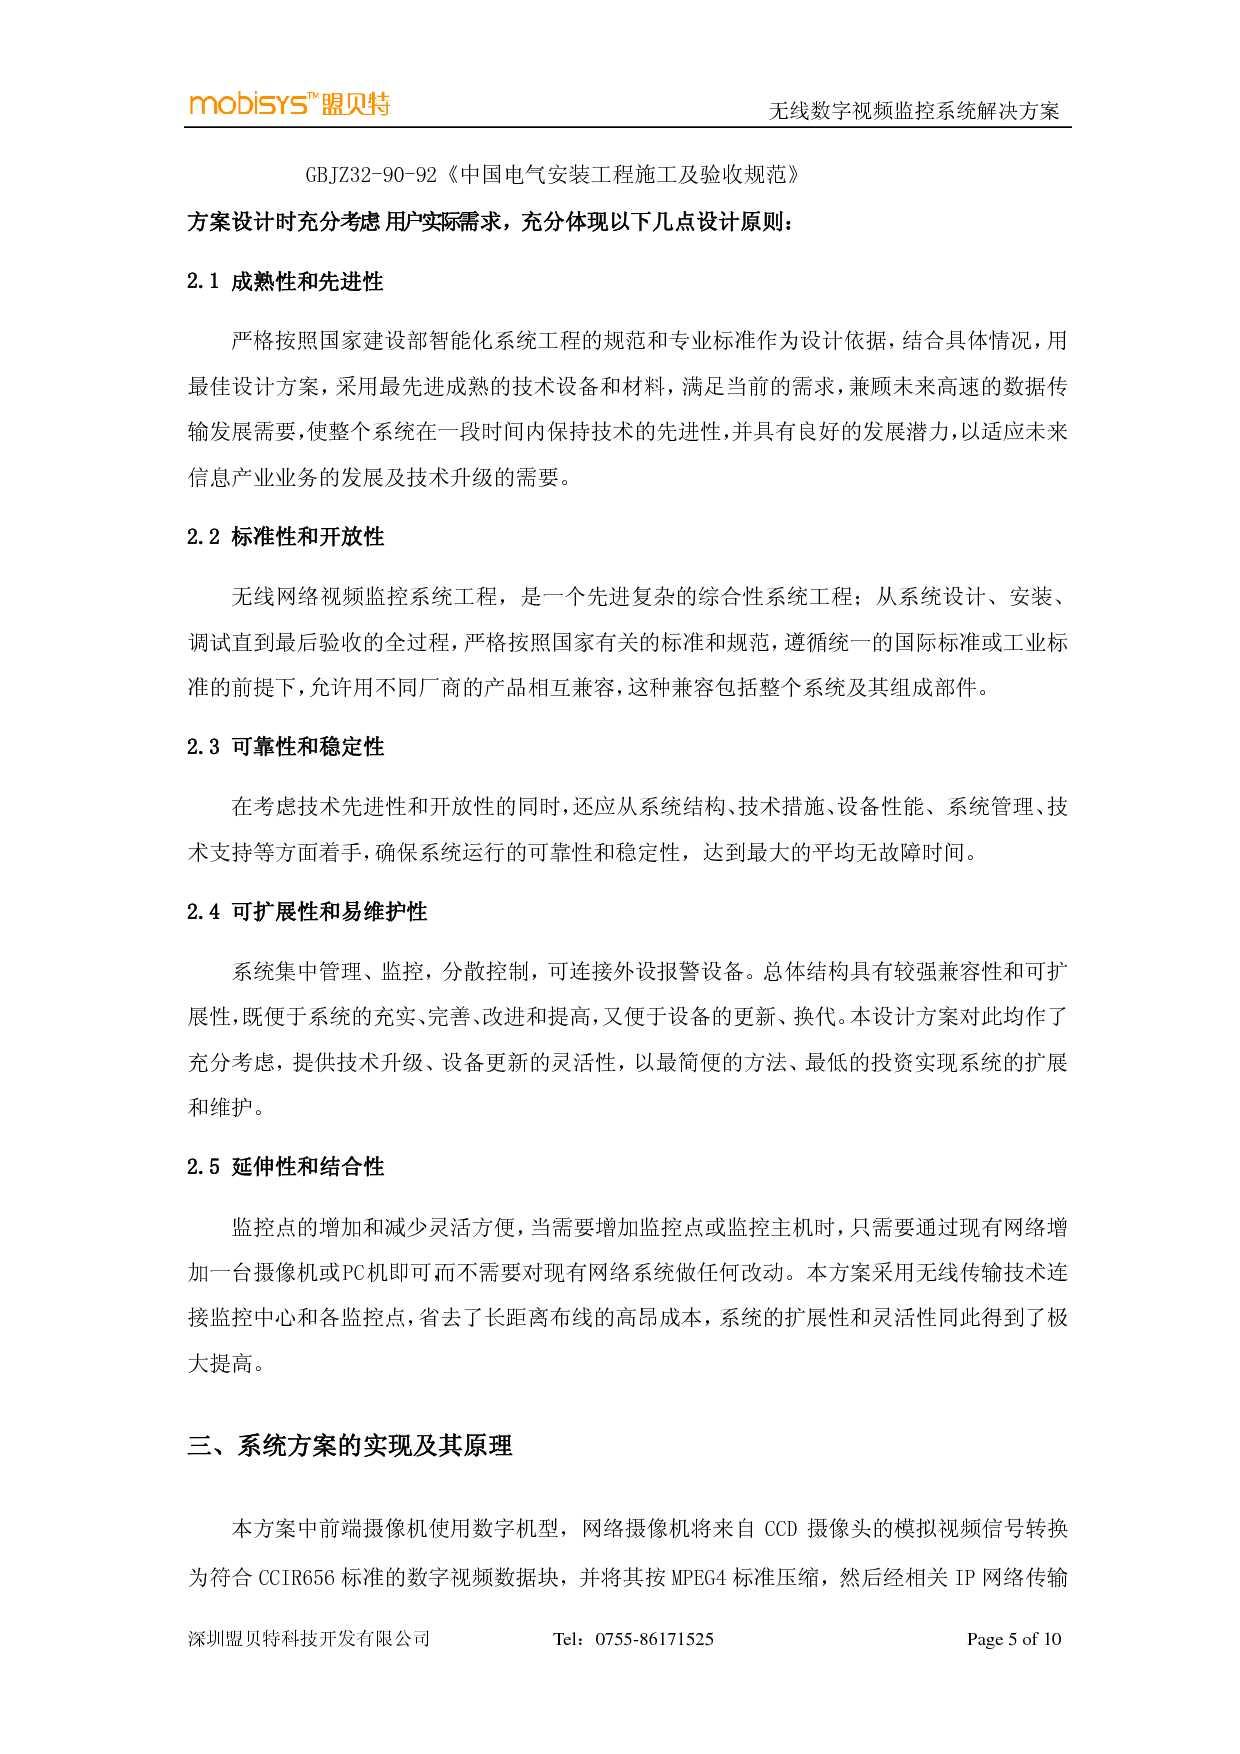 哈尔滨九站数字公园视频相扑监控系统无线搞笑视频图片